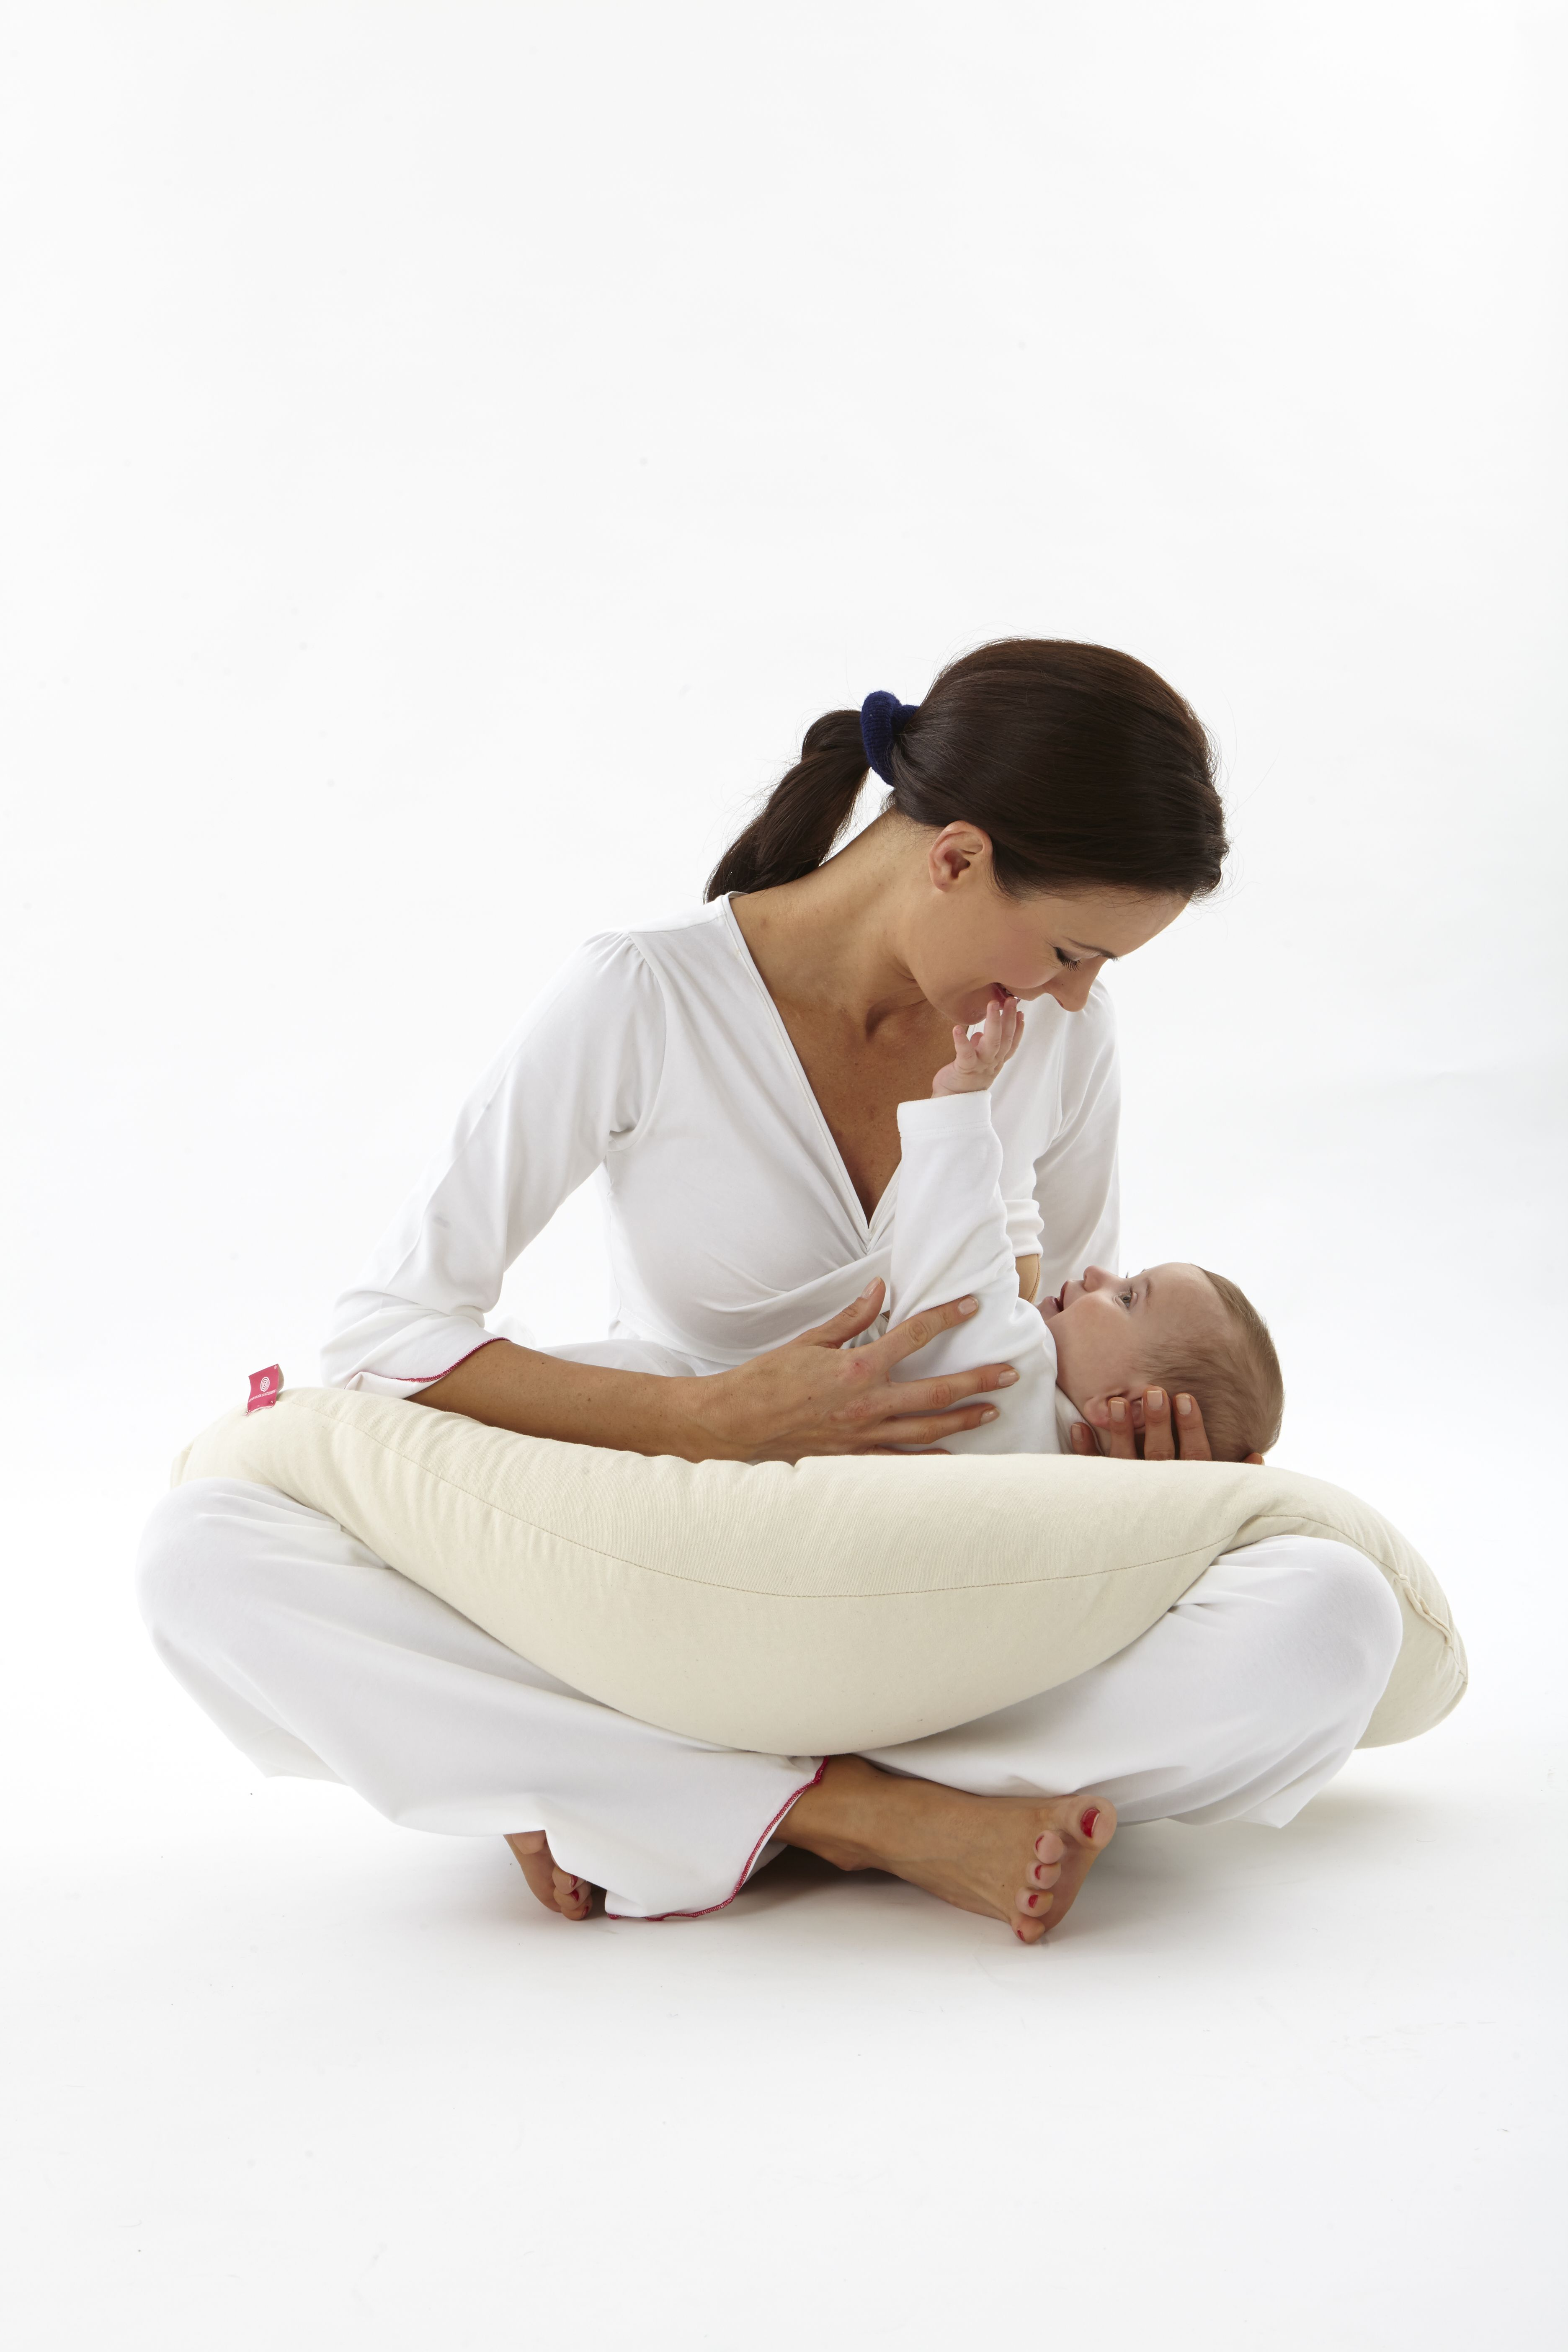 Cuscino Allattamento Pula Di Farro.Cuscino Imbottito In Pula Di Farro Per Gravidanza E Allattamento